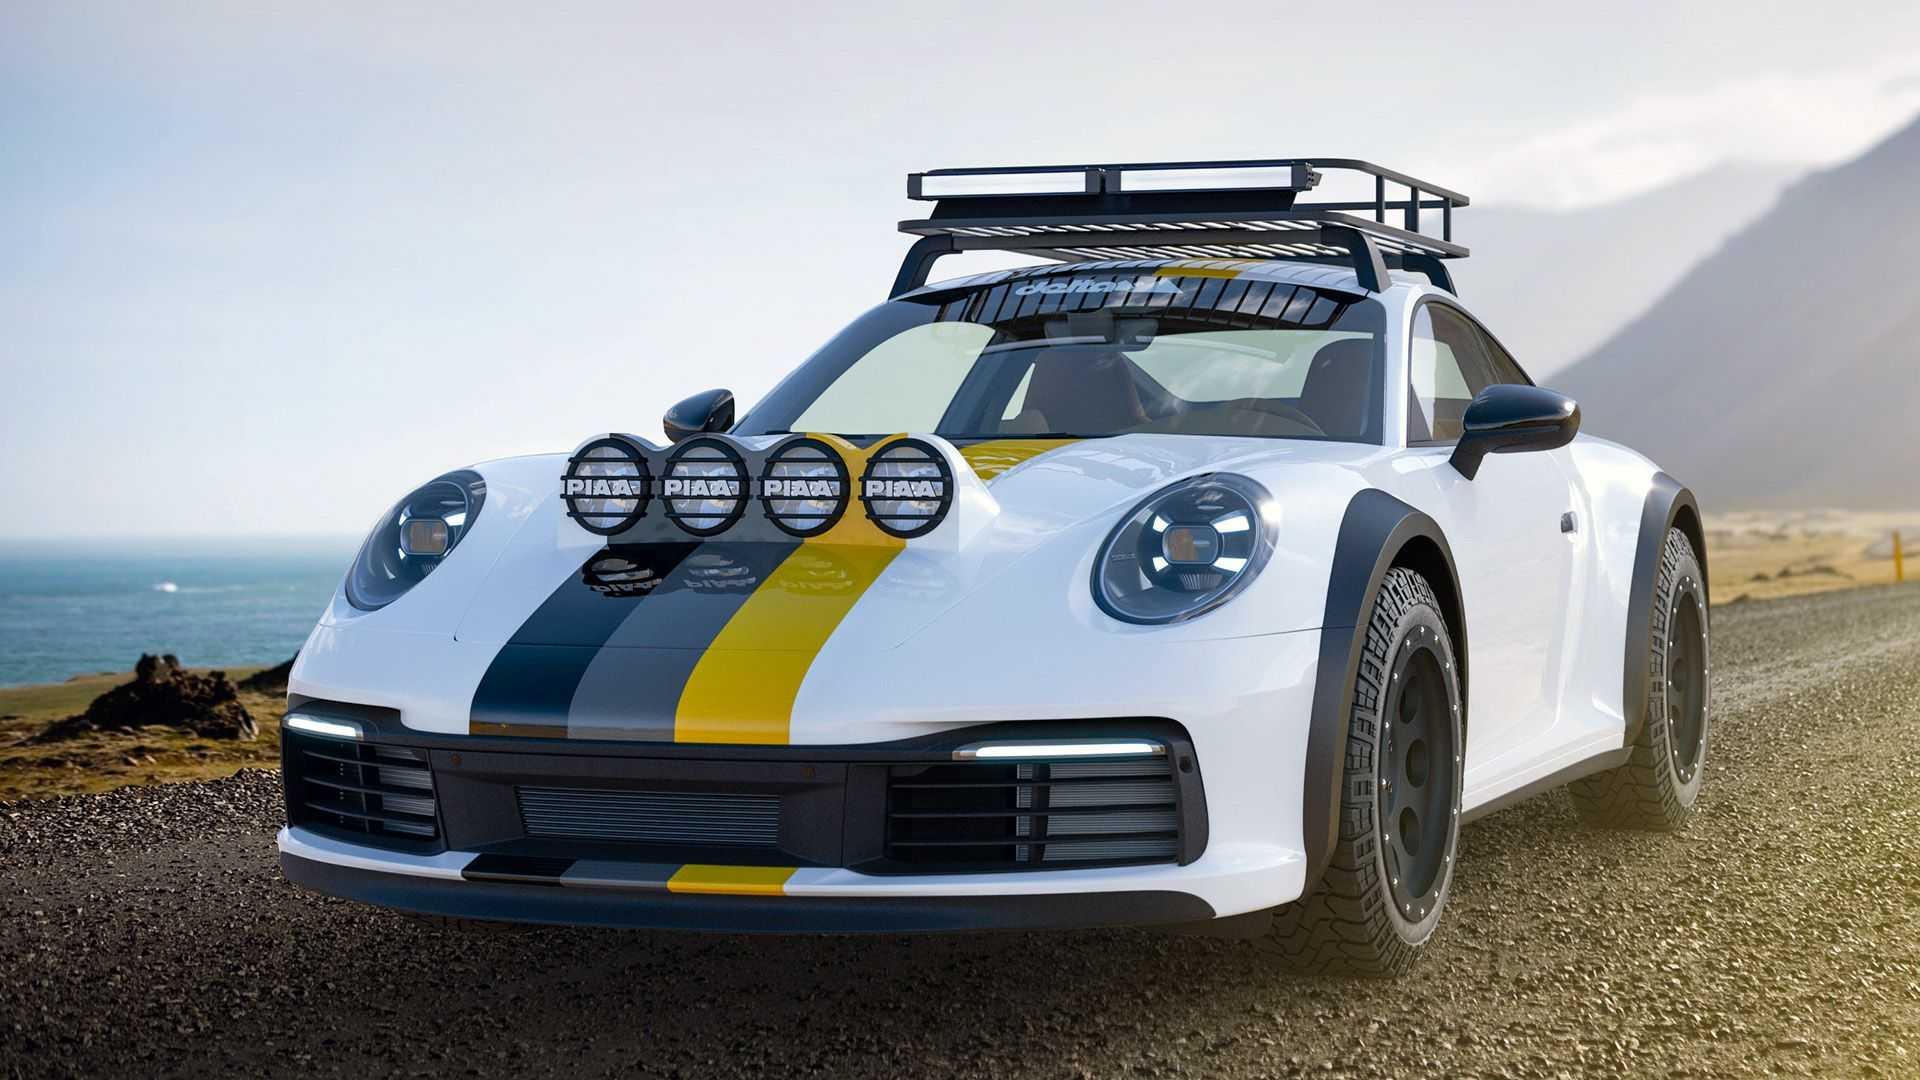 Porsche-911-992-4S-by-Delta-4x4-1